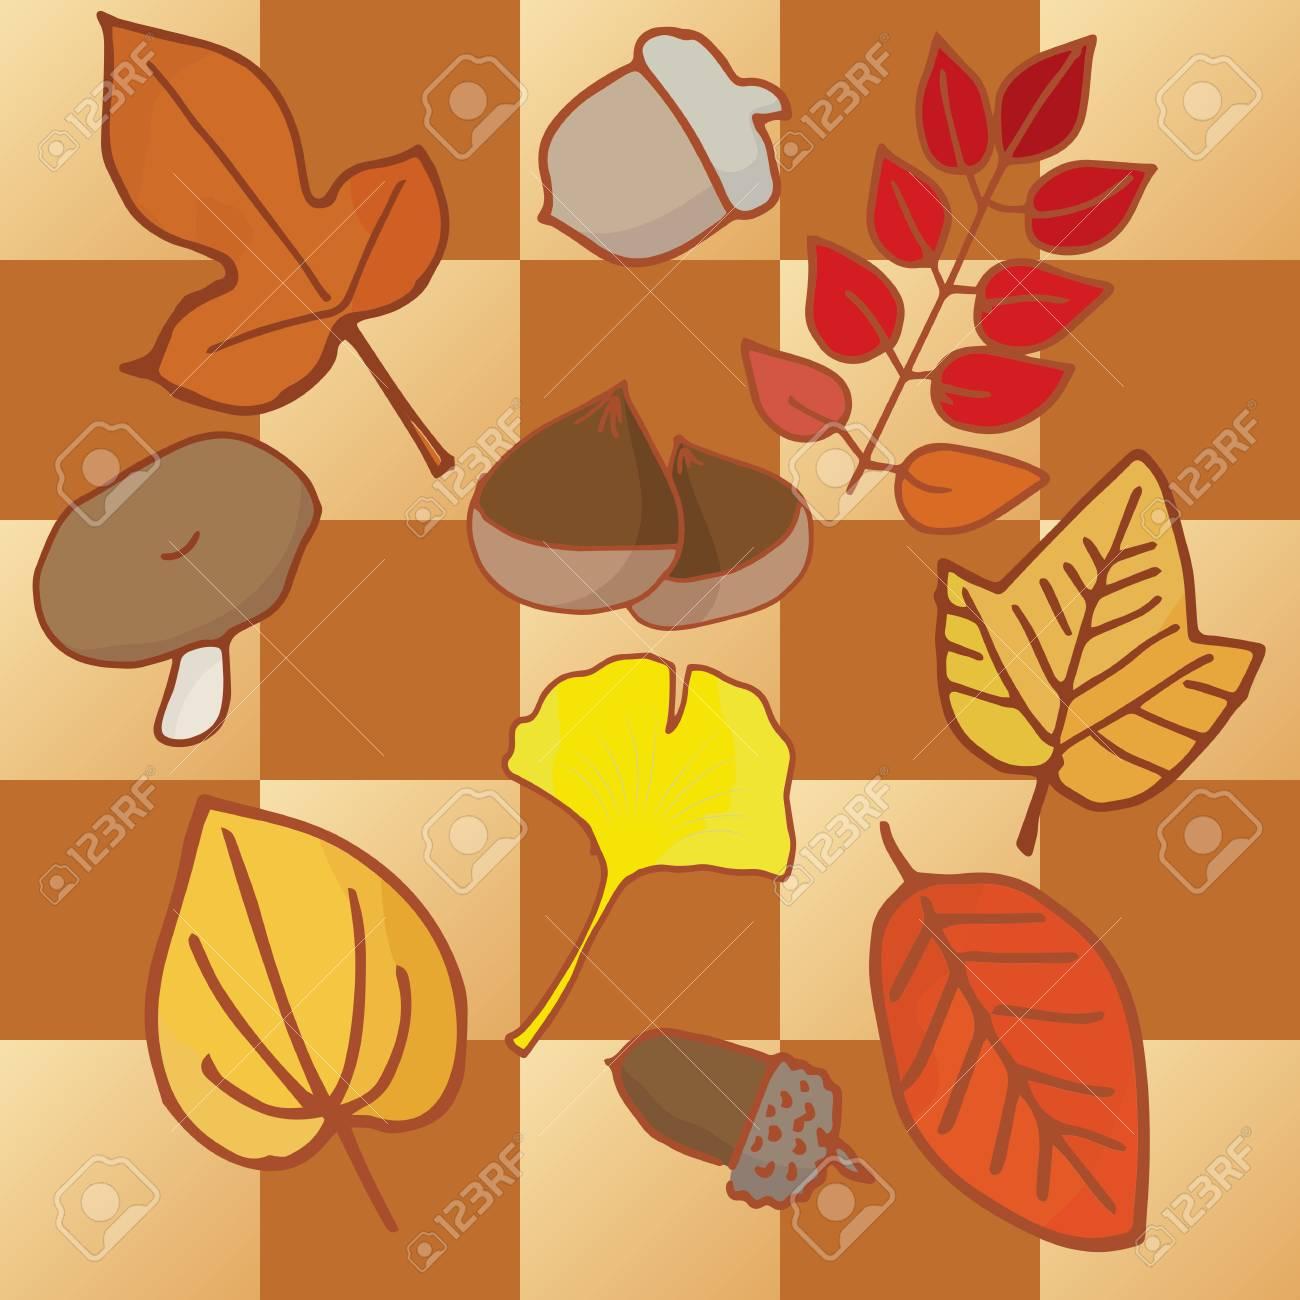 秋の実りと紅葉の葉のイラスト素材ベクタ Image 60909199